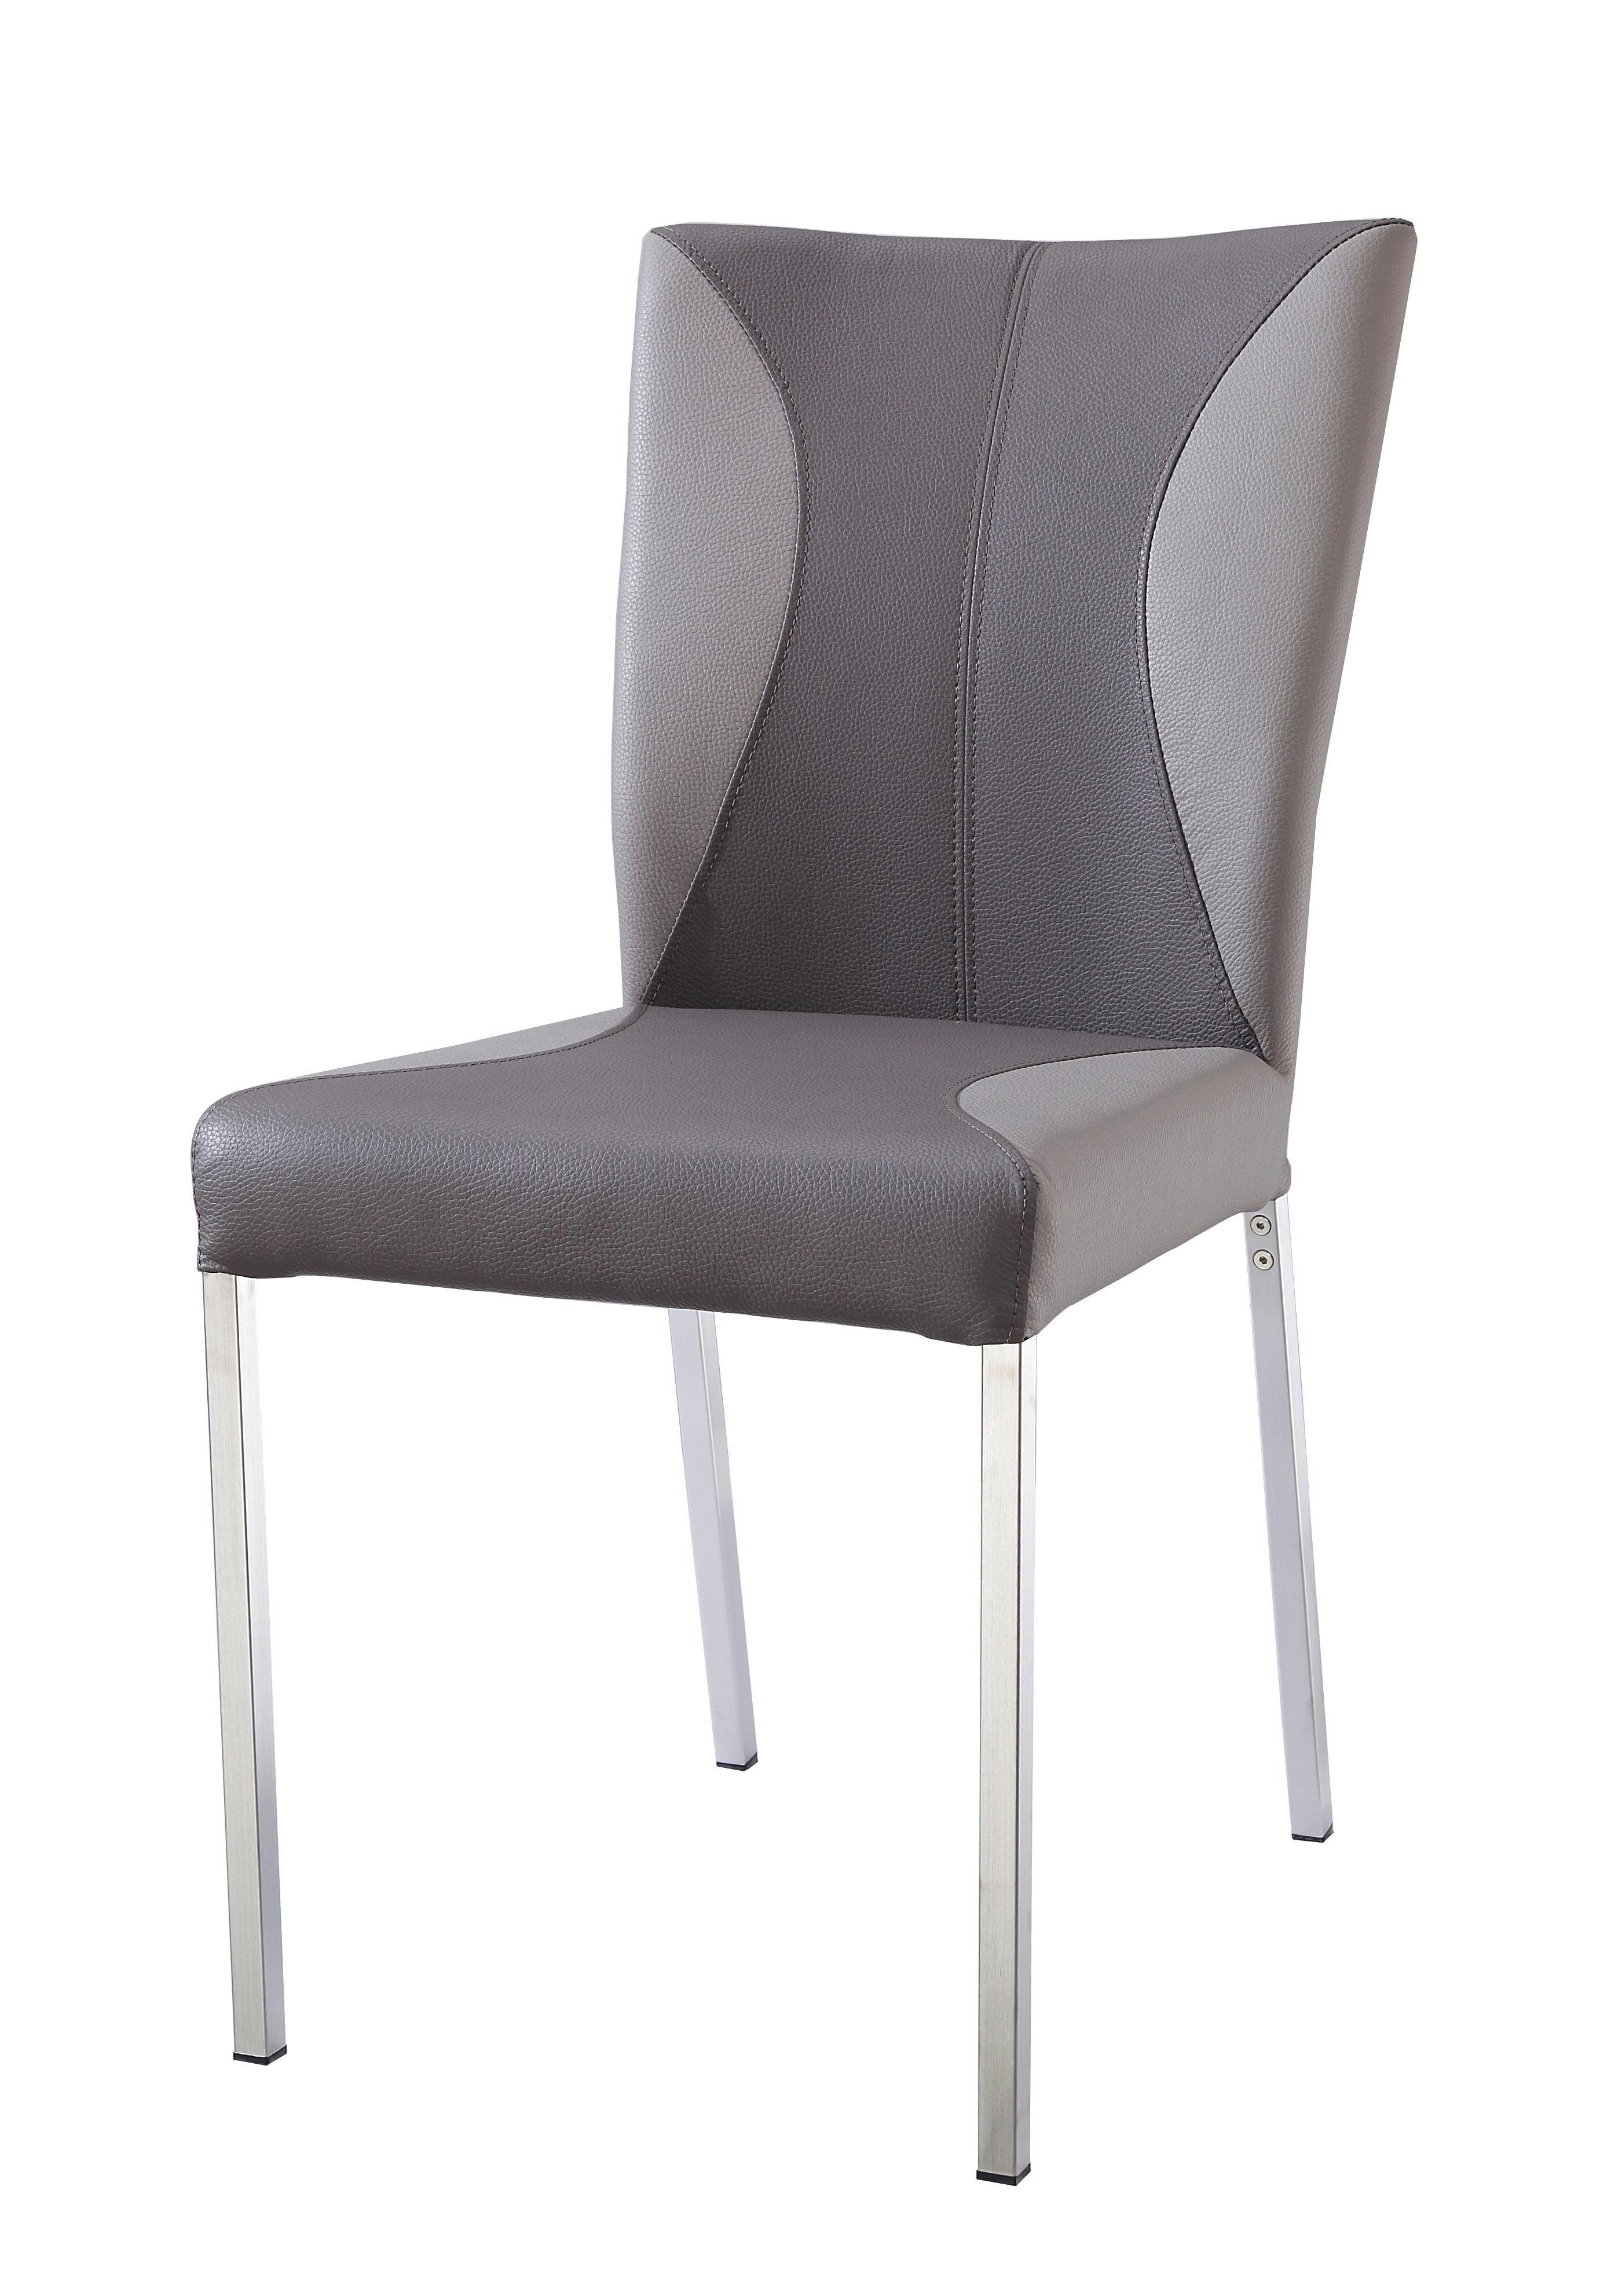 Stuhl in Schlammfarben/taupe - Taupe/Schlammfarben, MODERN, Textil/Metall (46/90/62cm) - MÖMAX modern living